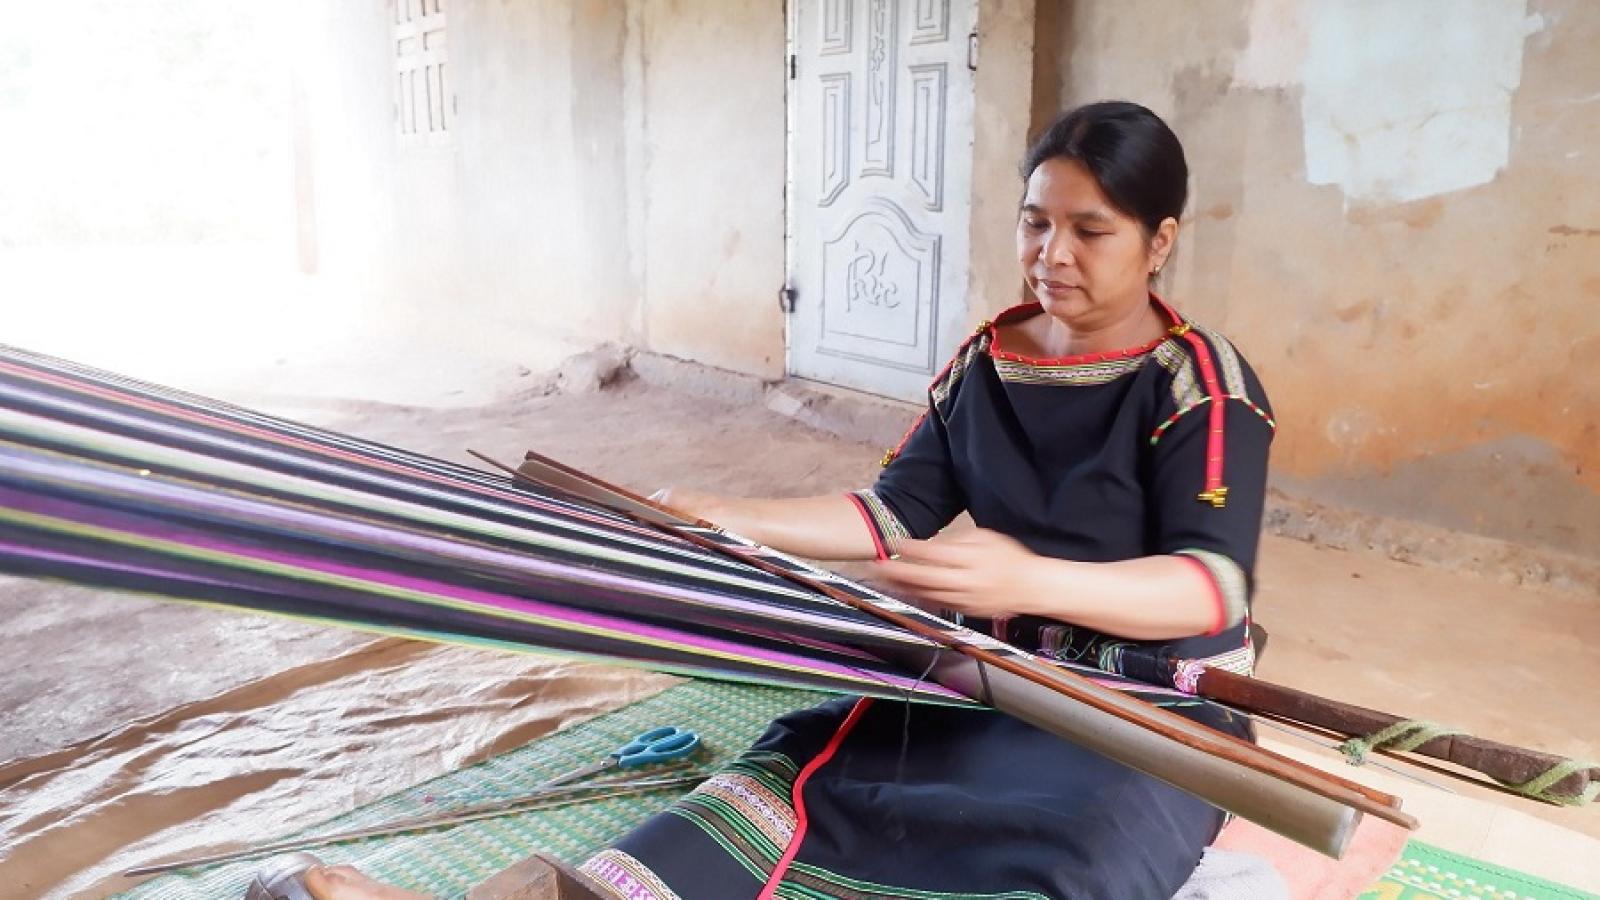 Đắk Lắk: Phụ nữ buôn Knia gìn giữ nghề dệt thổ cẩm